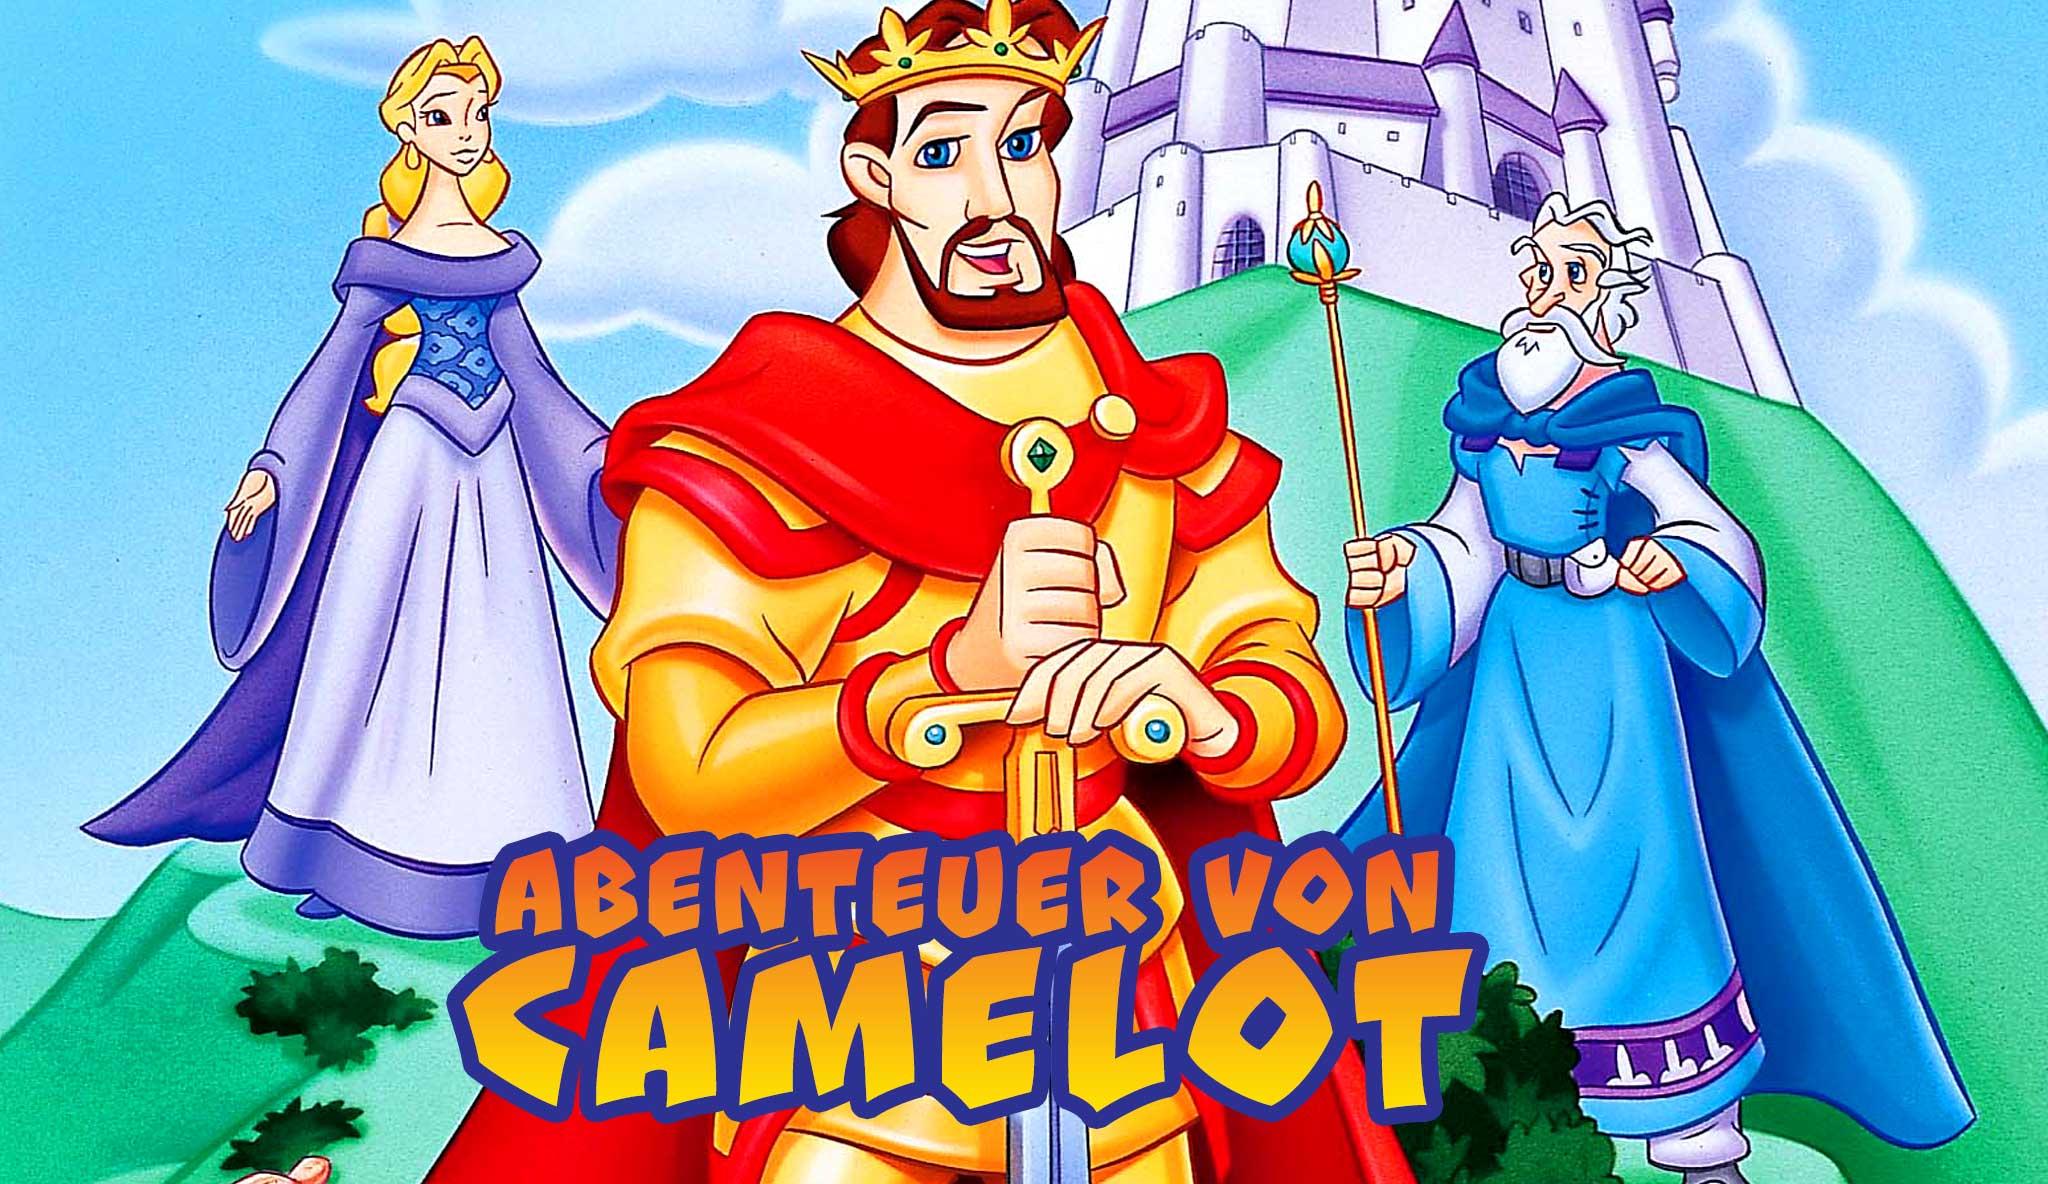 abenteuer-von-camelot\header.jpg